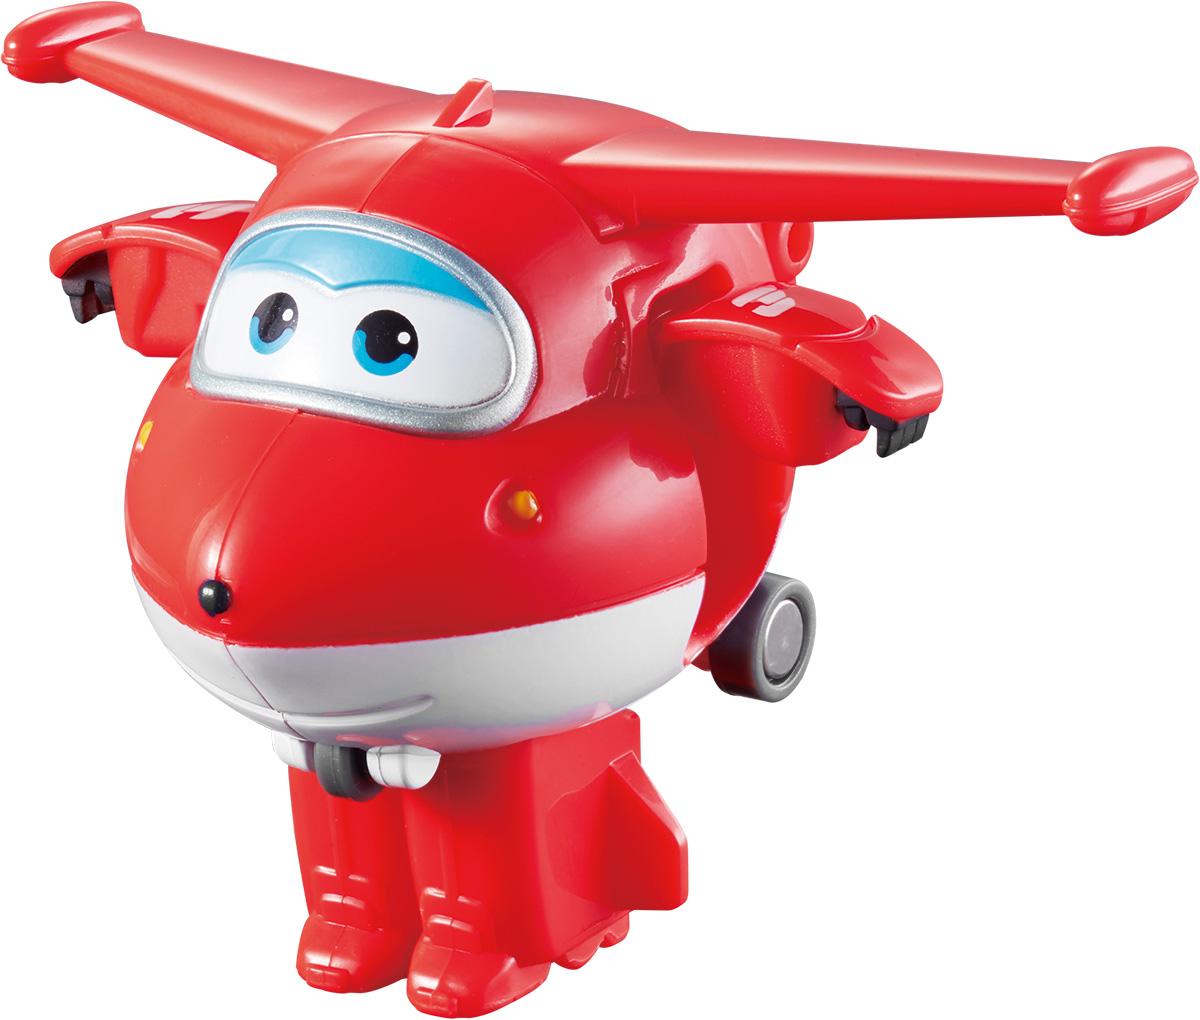 Super Wings Мини-трансформер ДжеттYW710010Мини-трансформеры - самые маленькие трансформеры Супер крылья. Каждый герой элементарно трансформируется в робота и обратно в три шага.